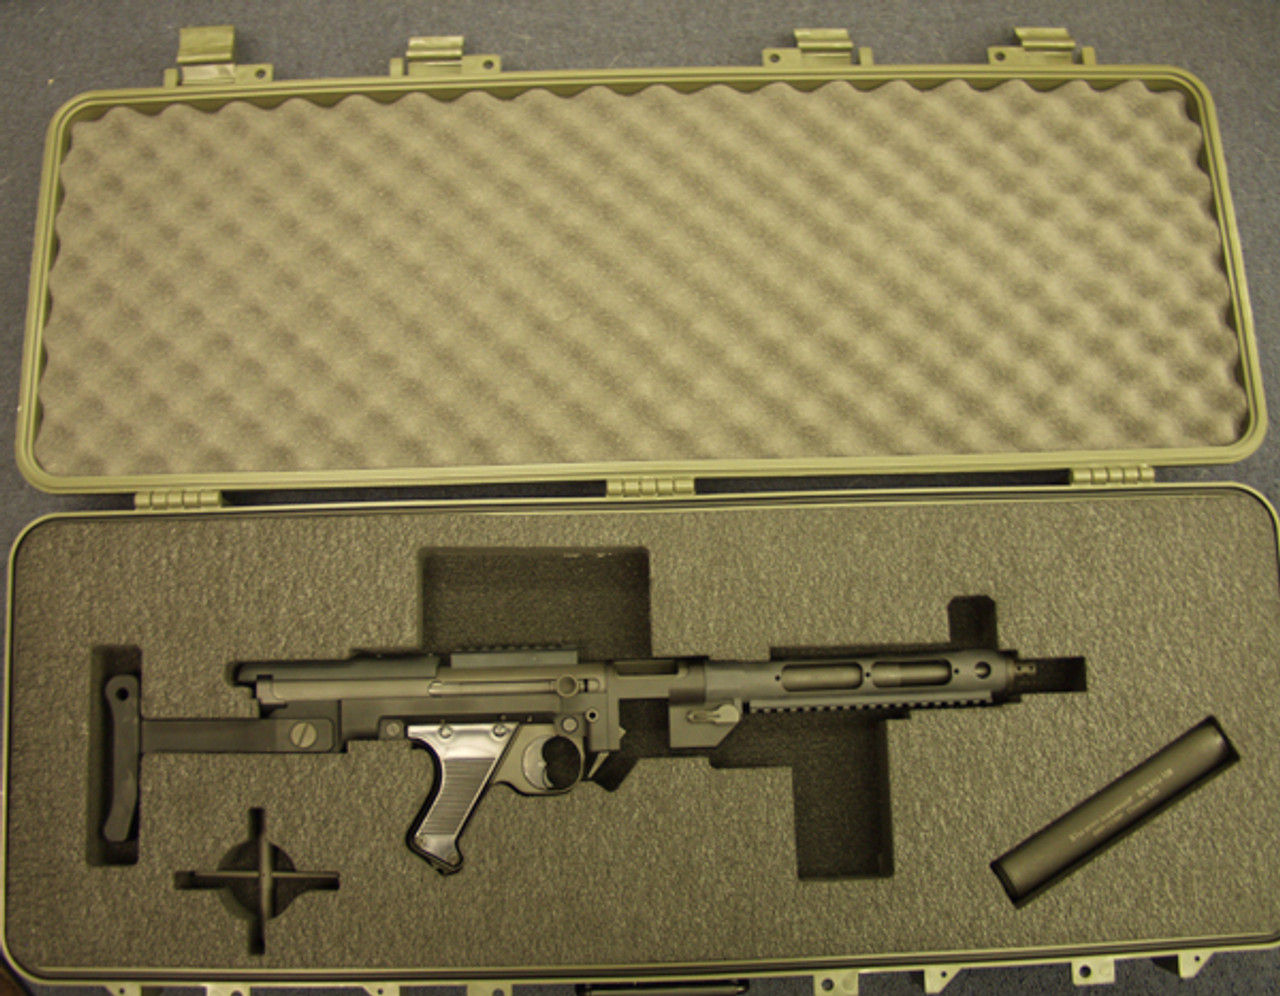 Stemple Takedown Gun (STG)  34k